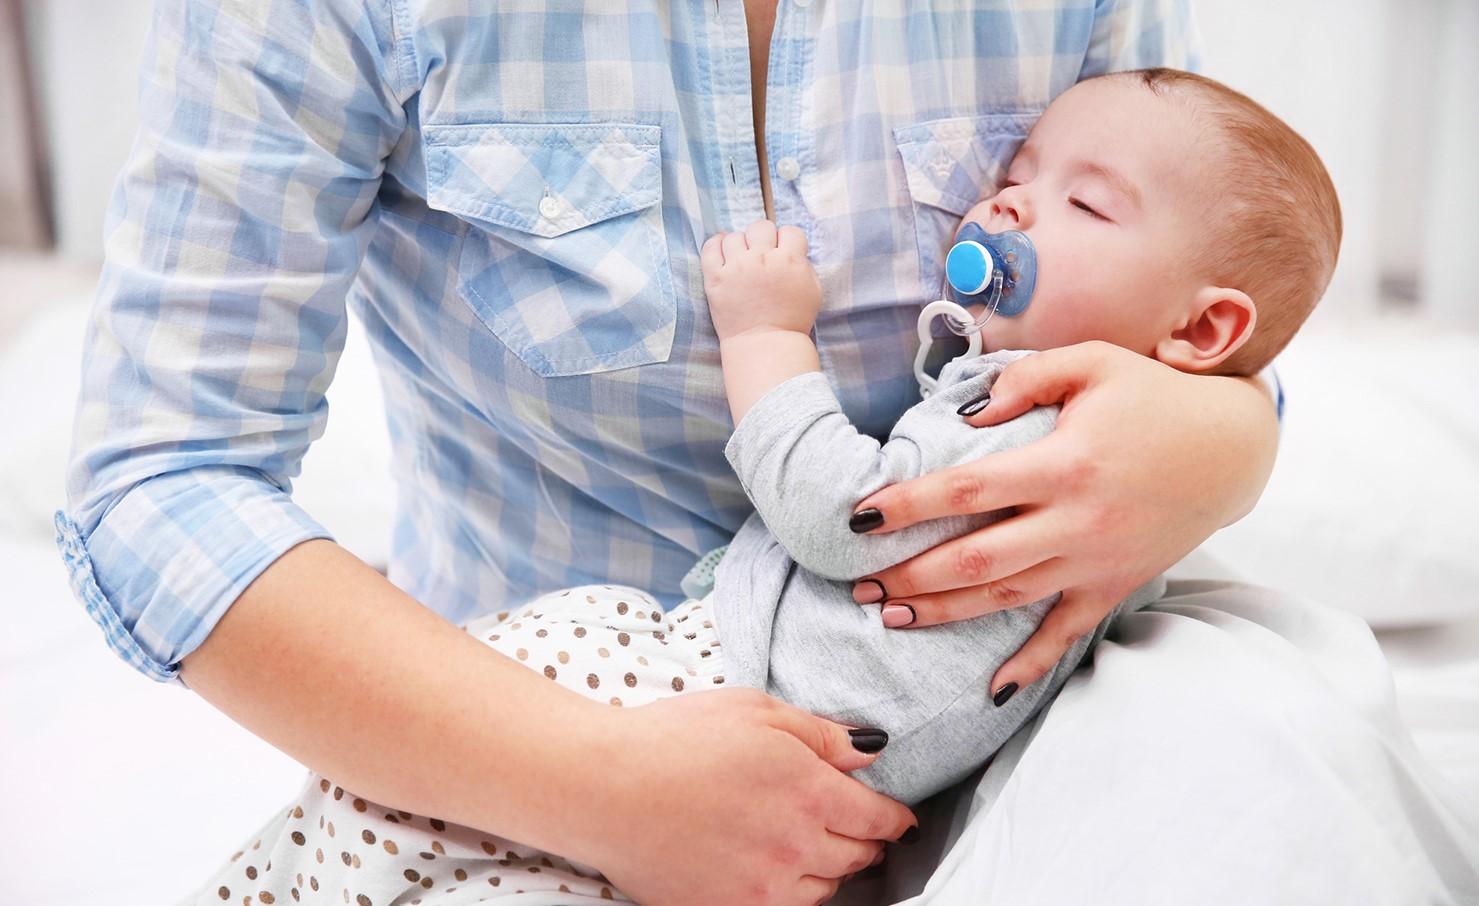 При укладывании ребенка спать важно подобрать правильные ритуалы